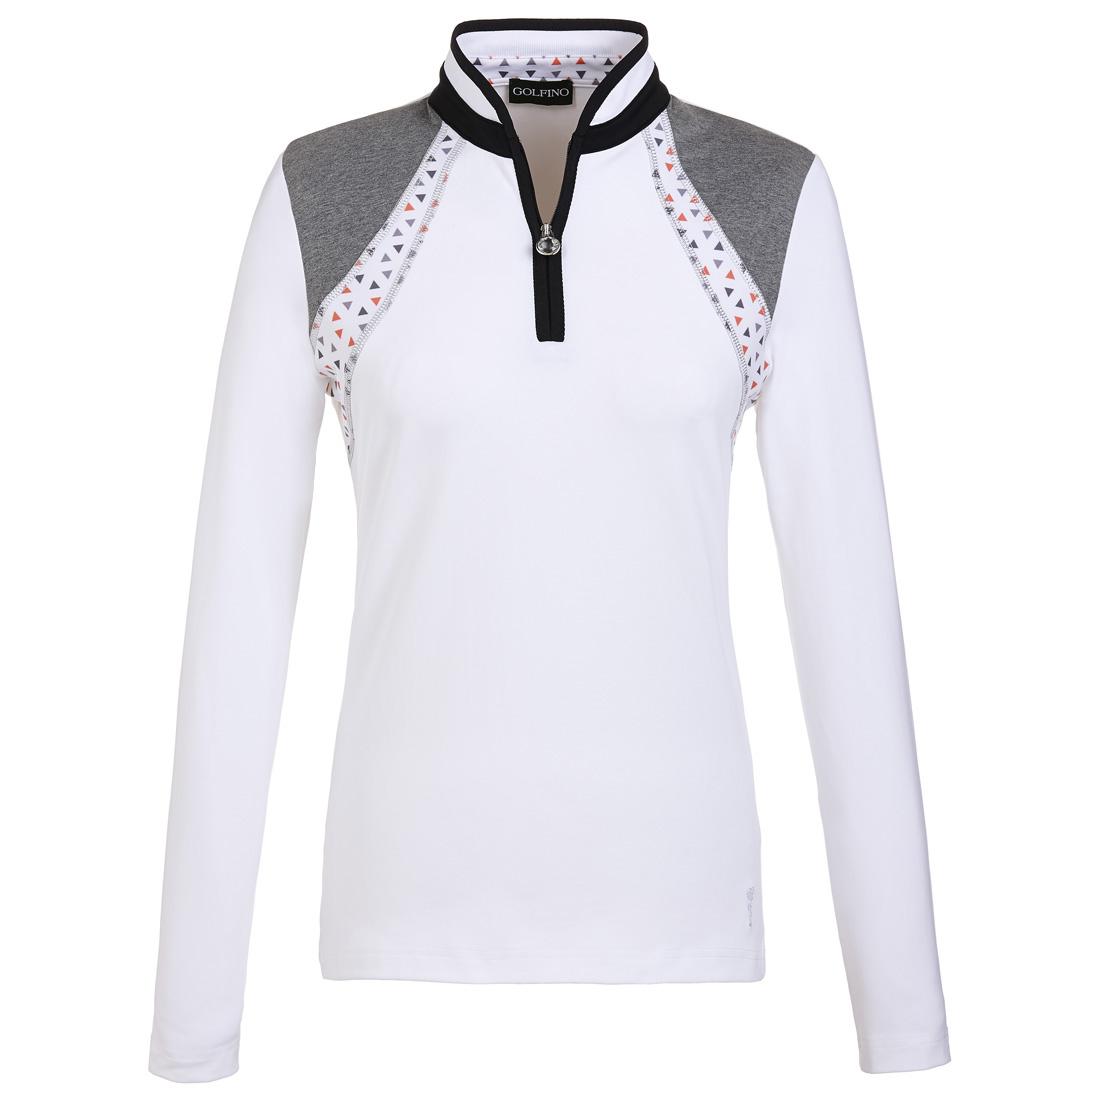 Damen Jersey Golftroyer Dry comfort mit modischem Print